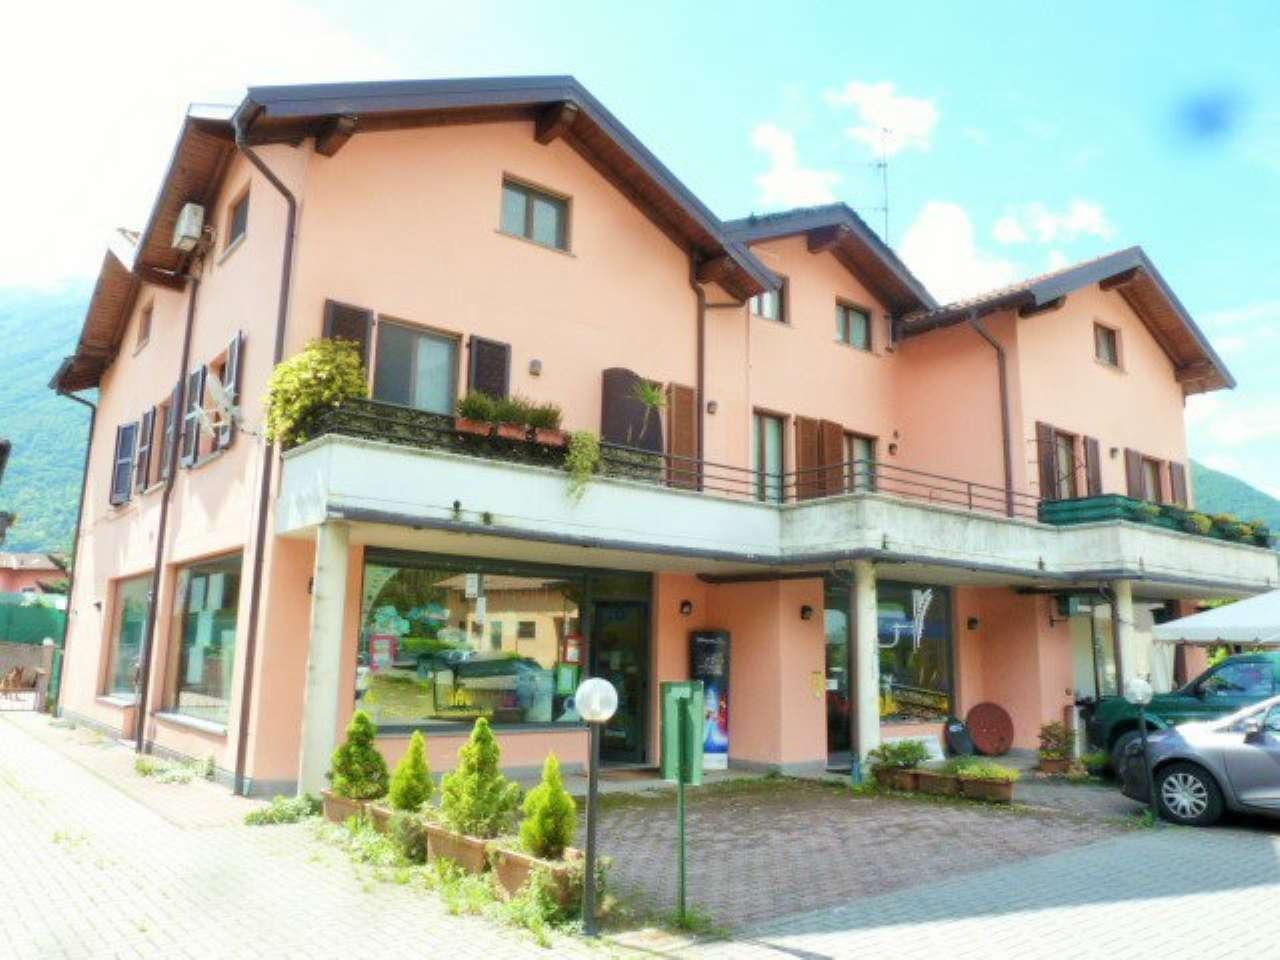 Appartamento in vendita a Porlezza, 4 locali, prezzo € 370.000 | CambioCasa.it